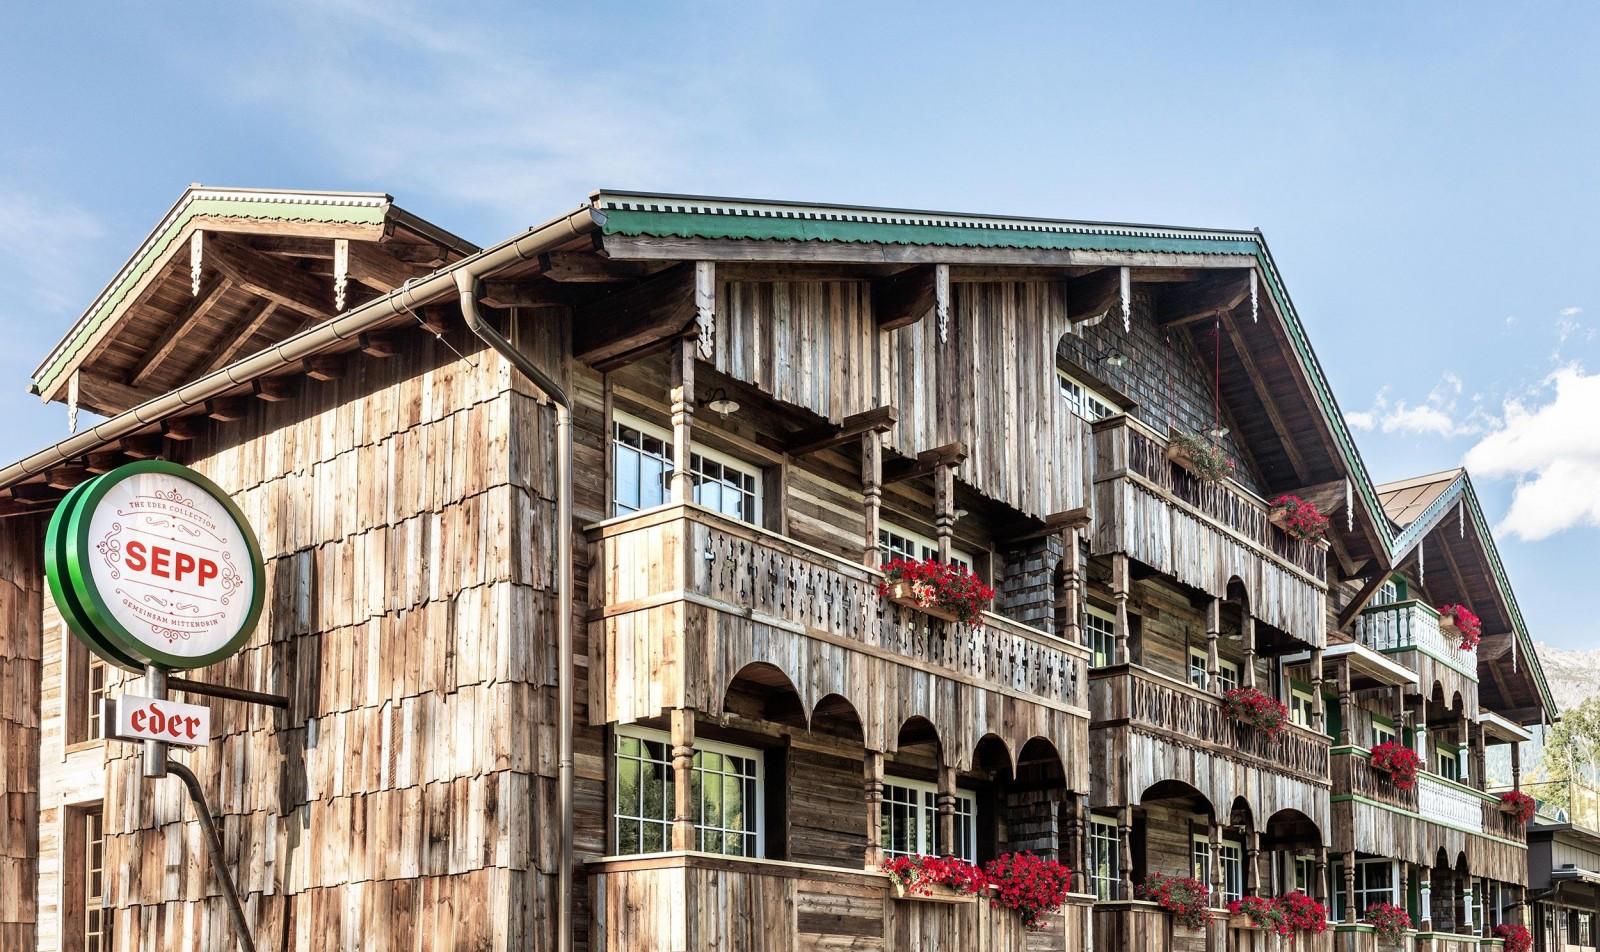 Hotel Sepp - Fassade aus Altholz